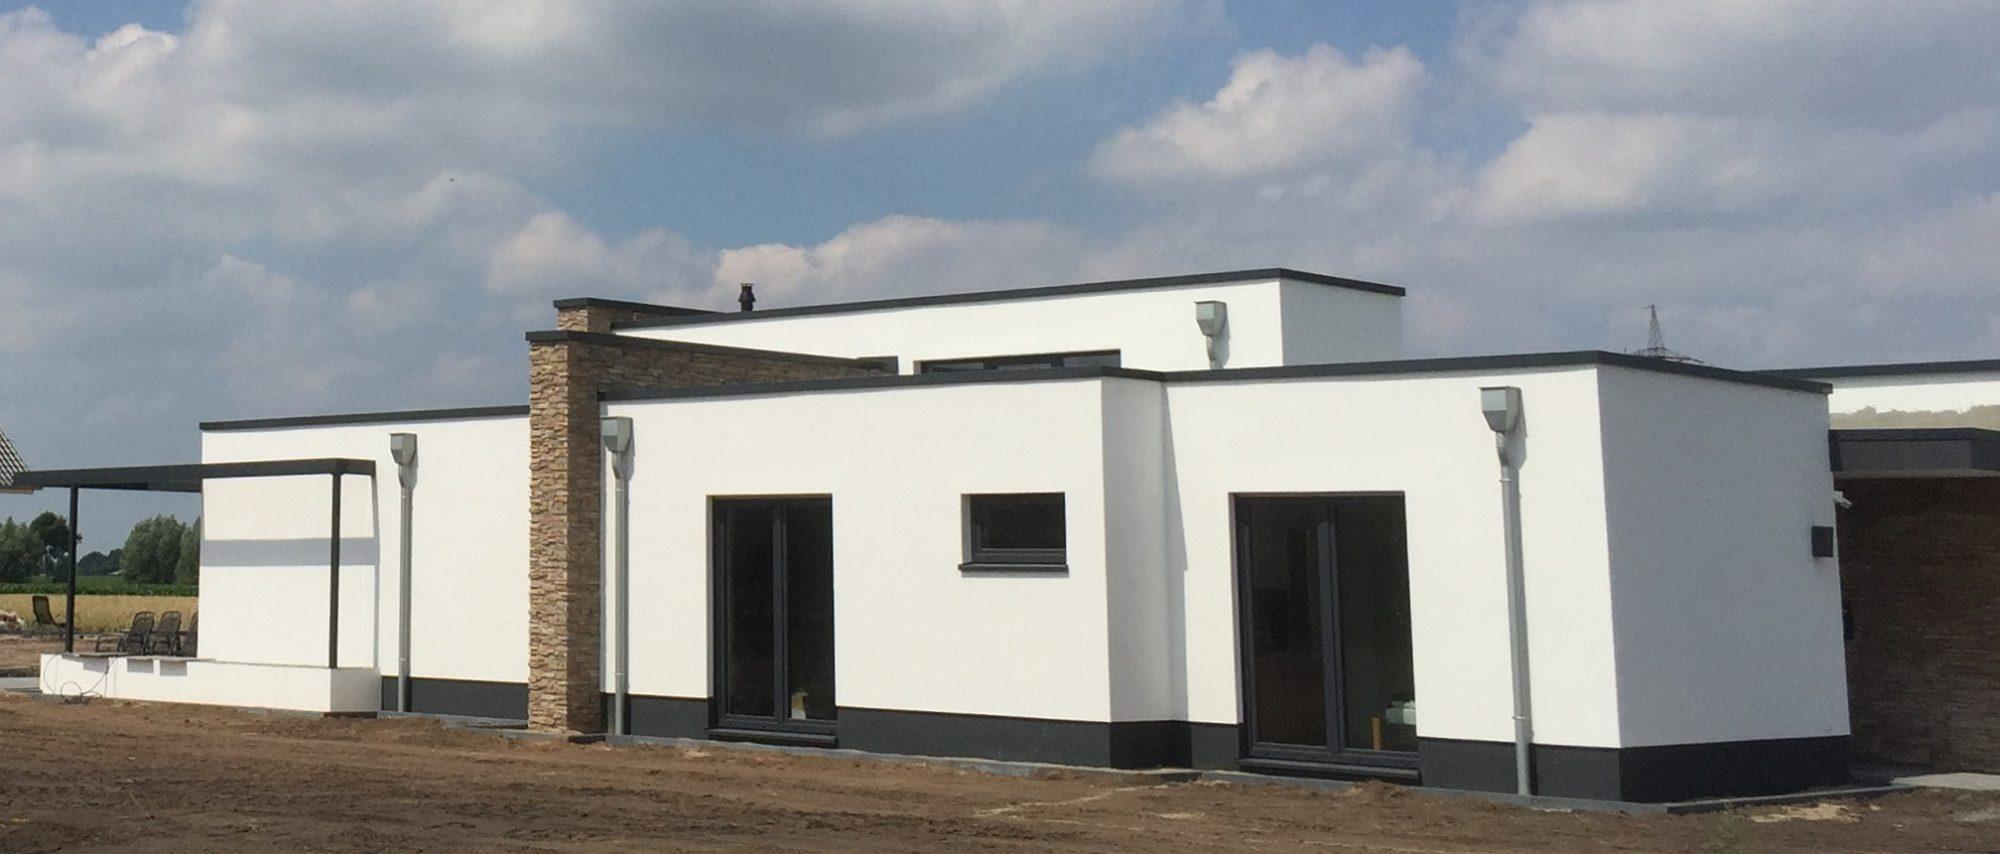 Wunderschön Flachdachhaus Referenz Von Ein Modernes Als Im Kreis Minden-lübbecke